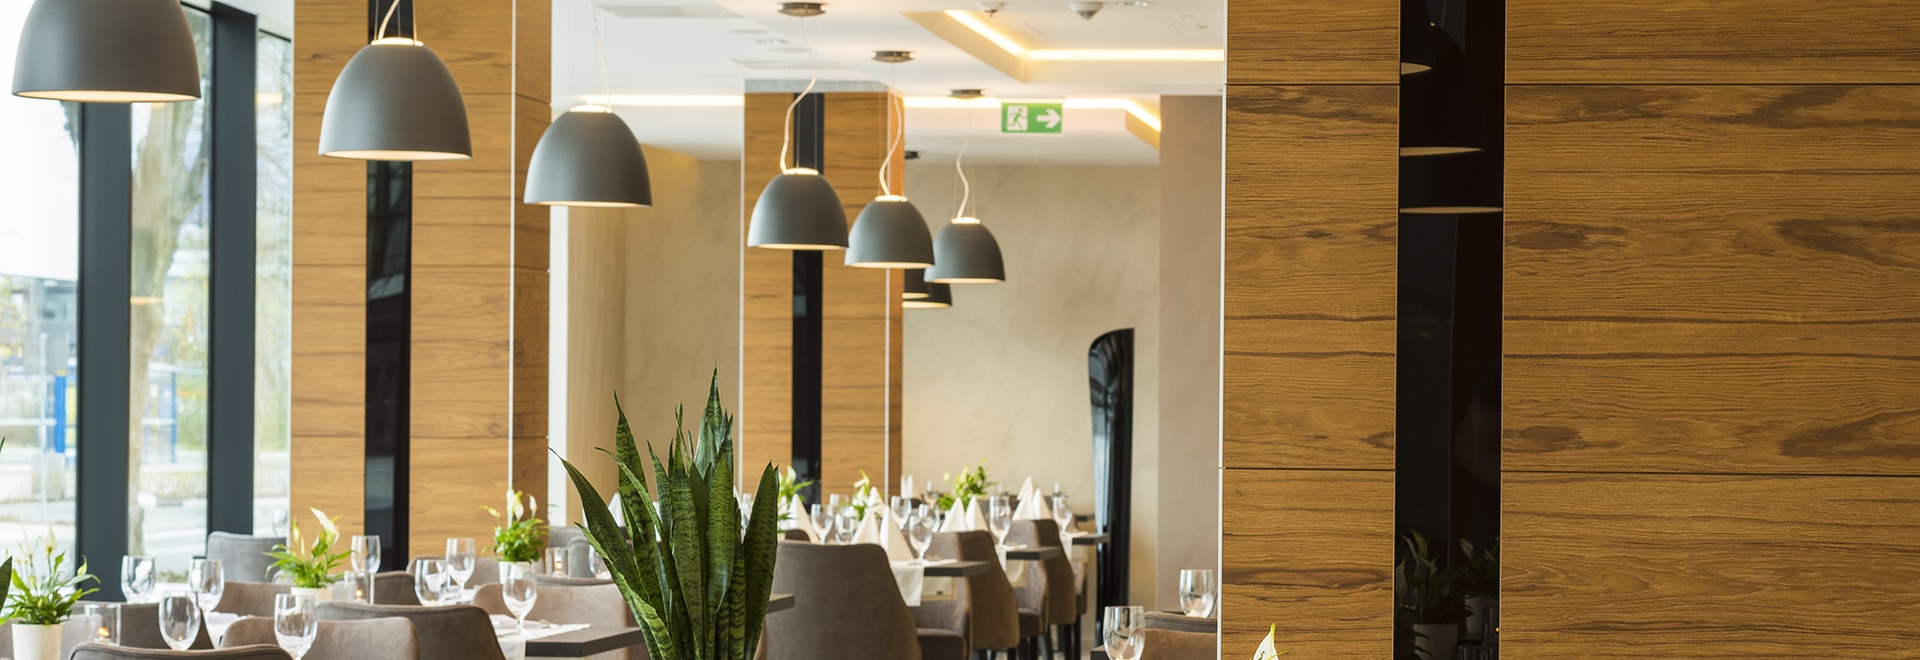 Q HOTEL PLUS, CRACOW, POLAND